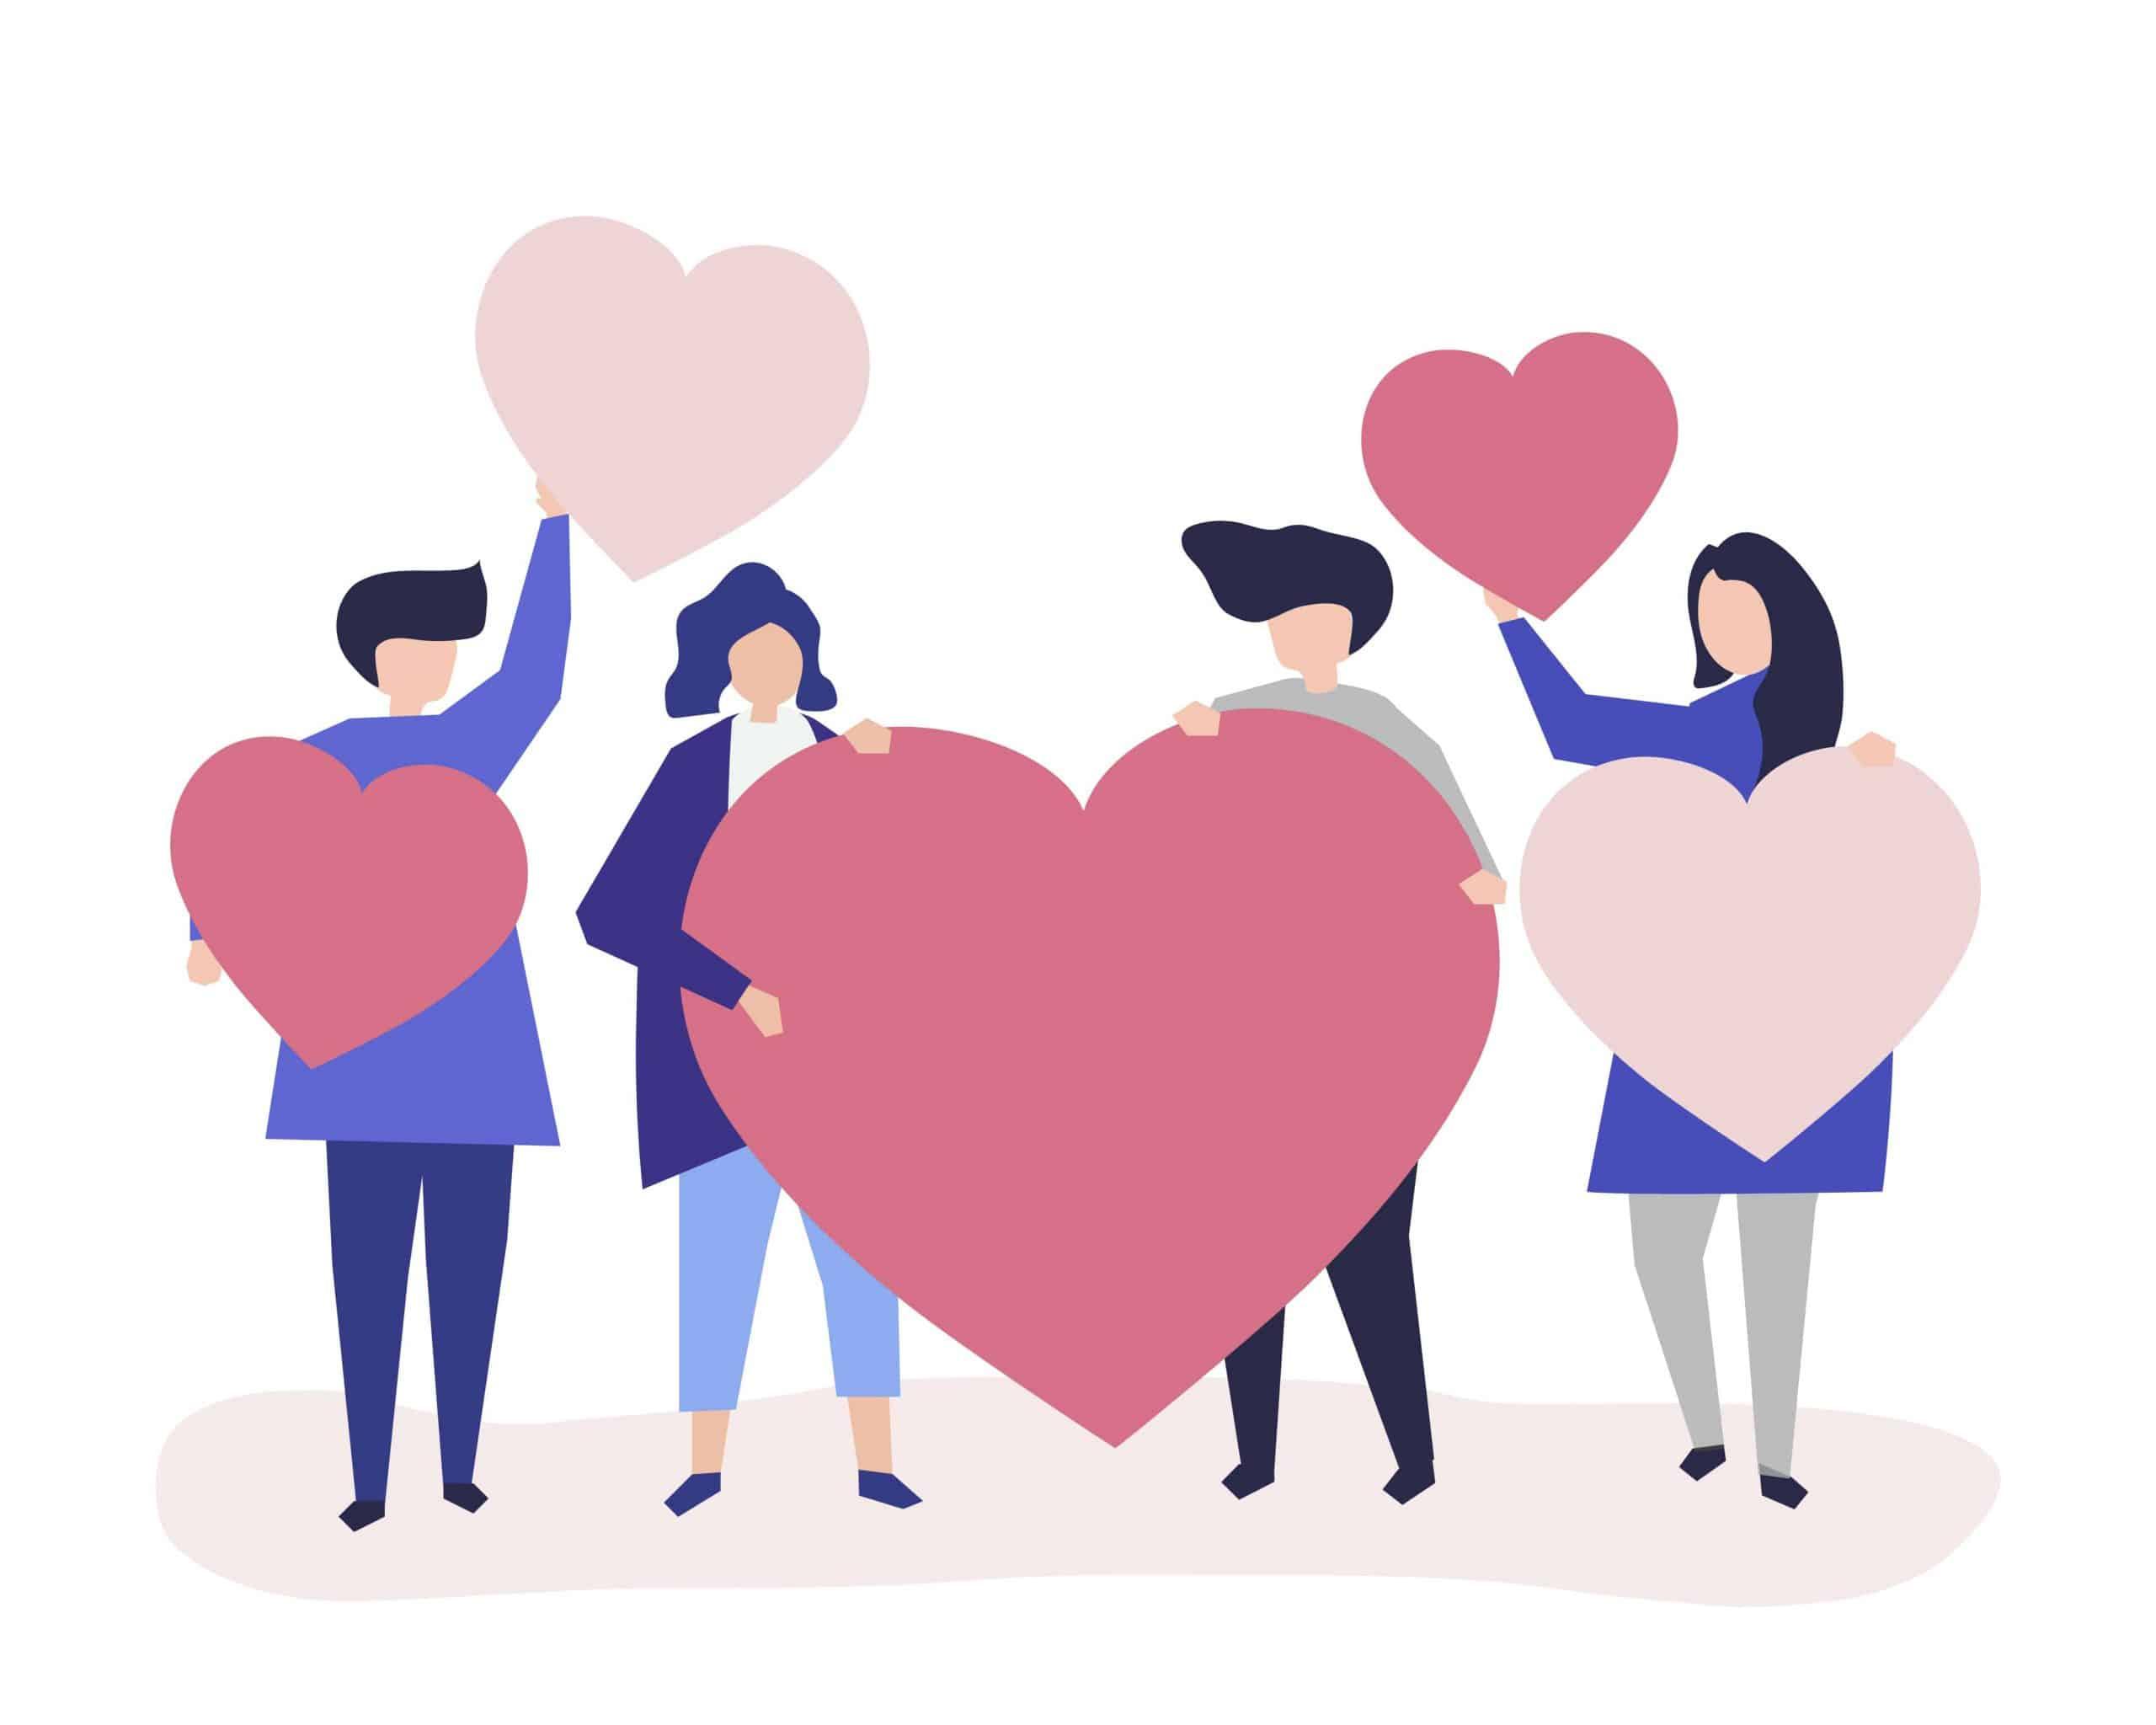 grupa-ljudi-sa-srcima-u-rukama-predstavljajuci-neku-humanu-zajednicu